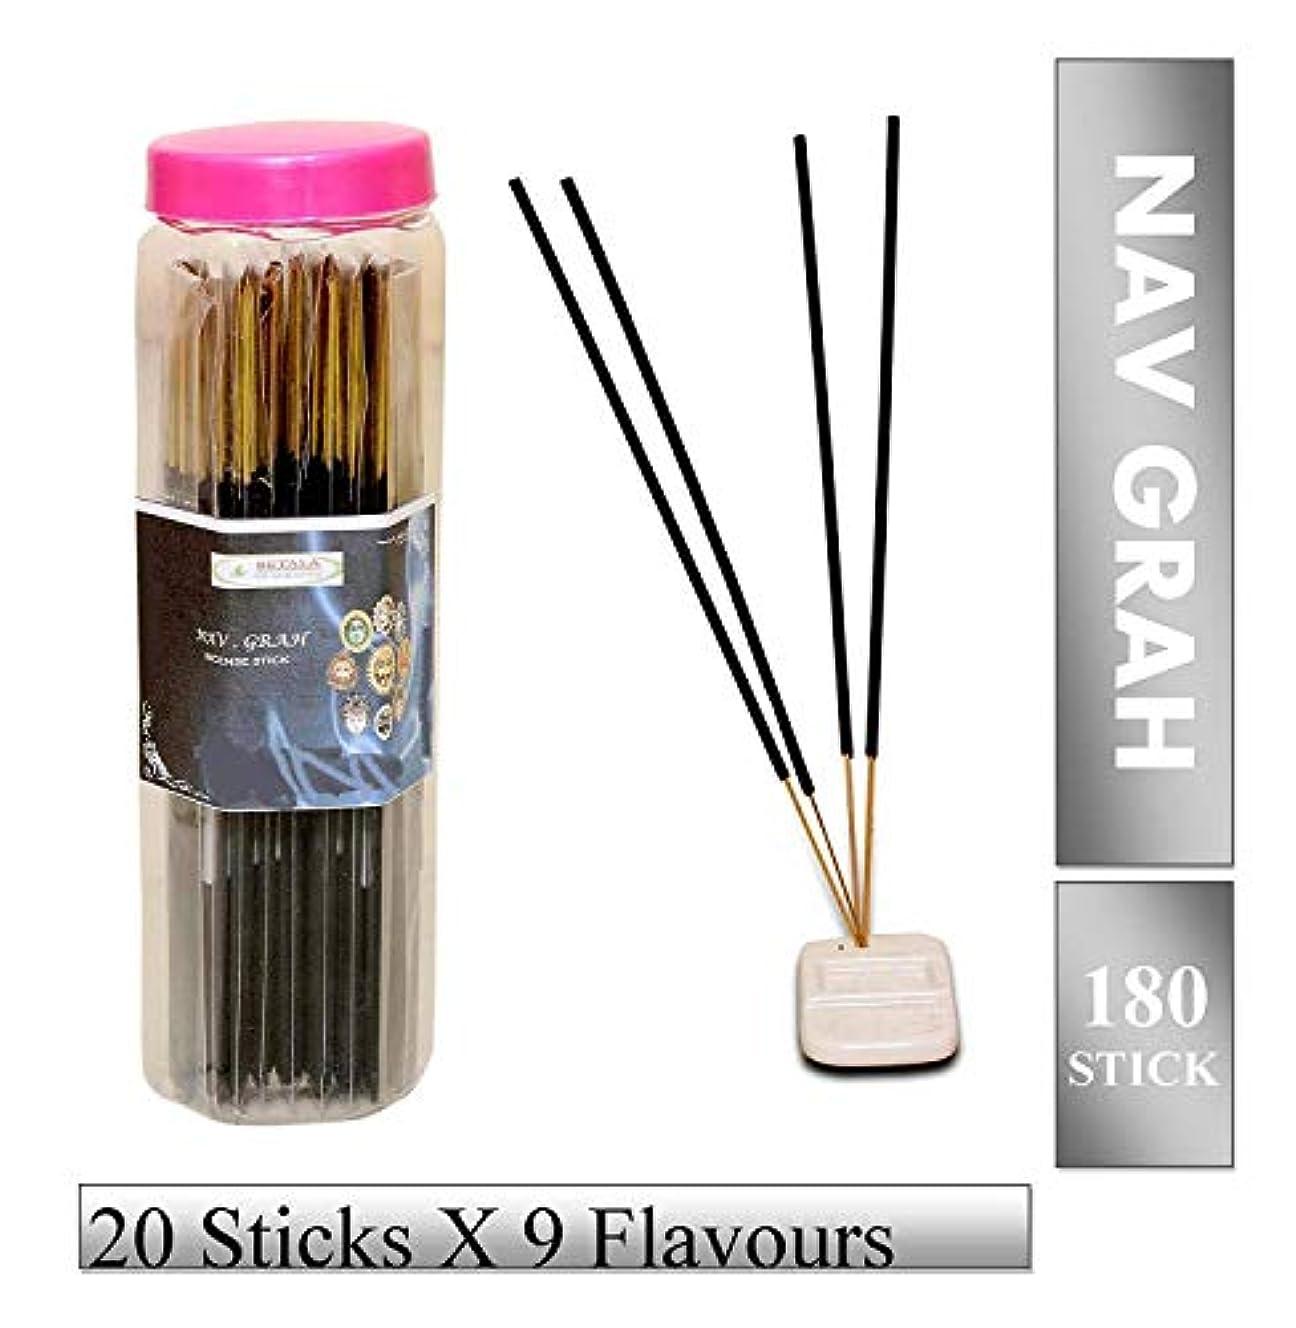 実業家アカデミーれんがBETALA MARKETING Combo Of Navgrah 9 In 1 Agarbatti Sticks With Agarbatti Box - Pack 0f 9 Flavours (180 Sticks)